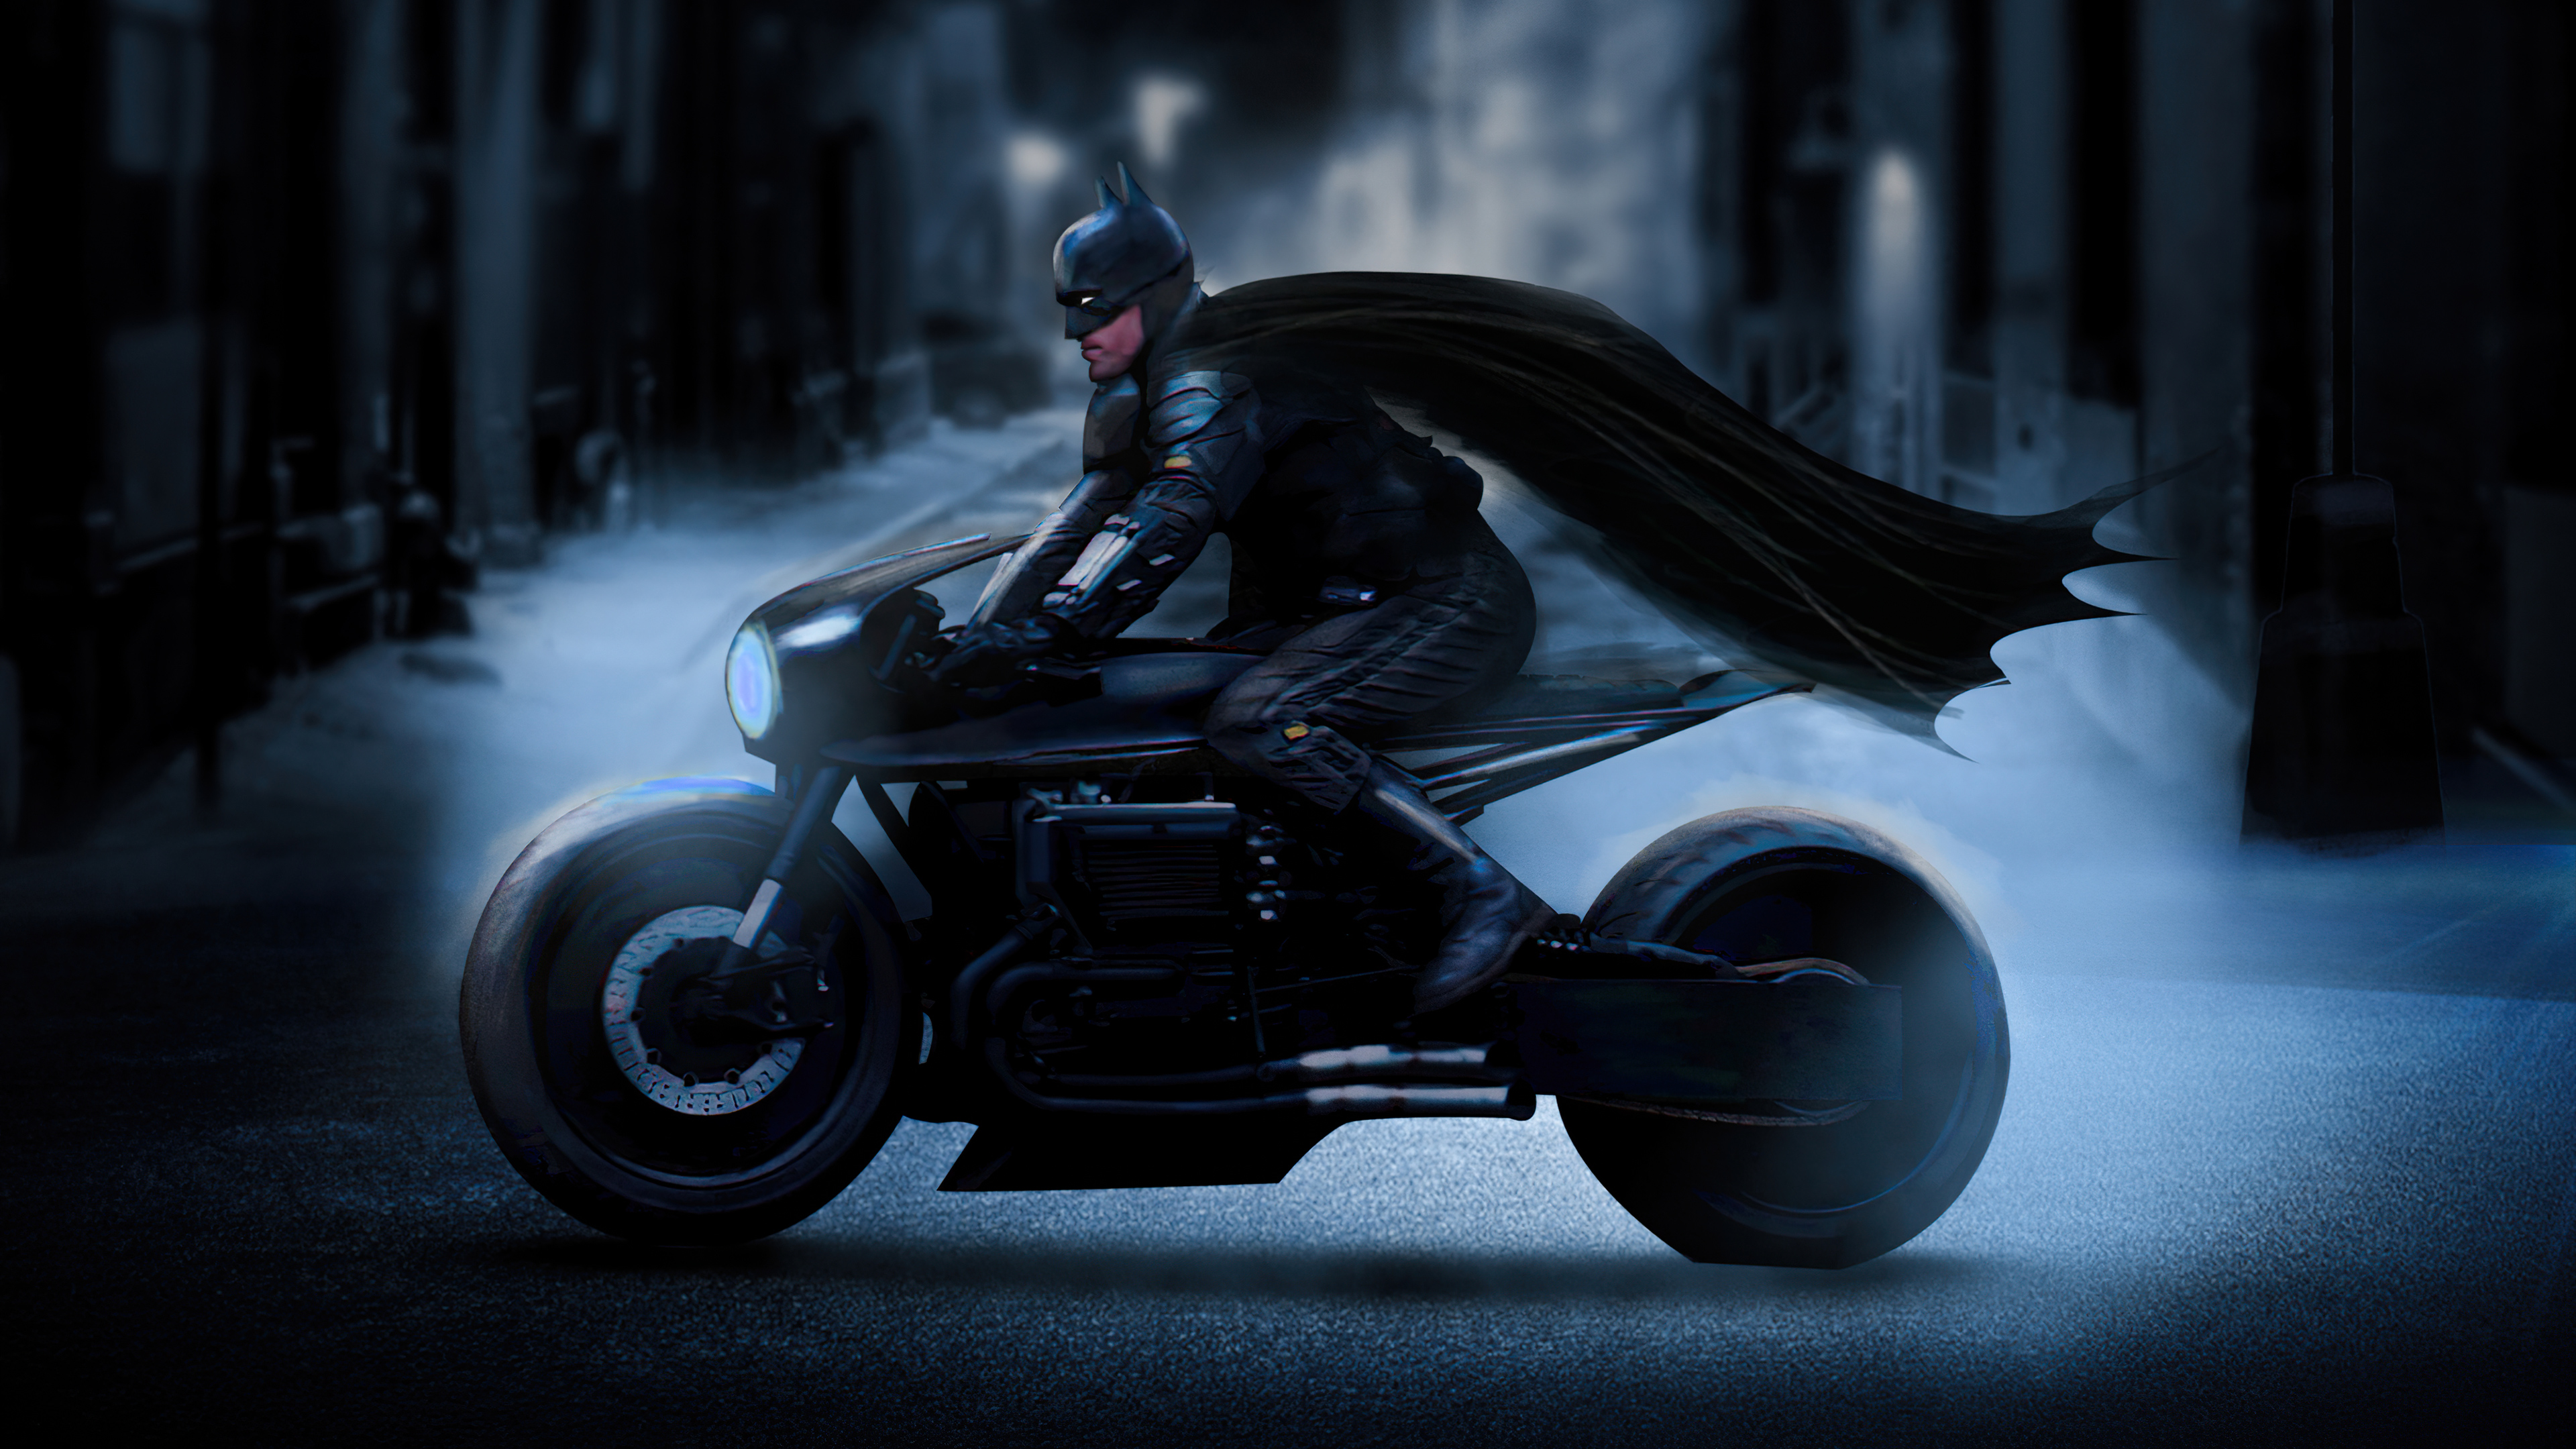 Fondos de pantalla Batman en Batimoto Fanart